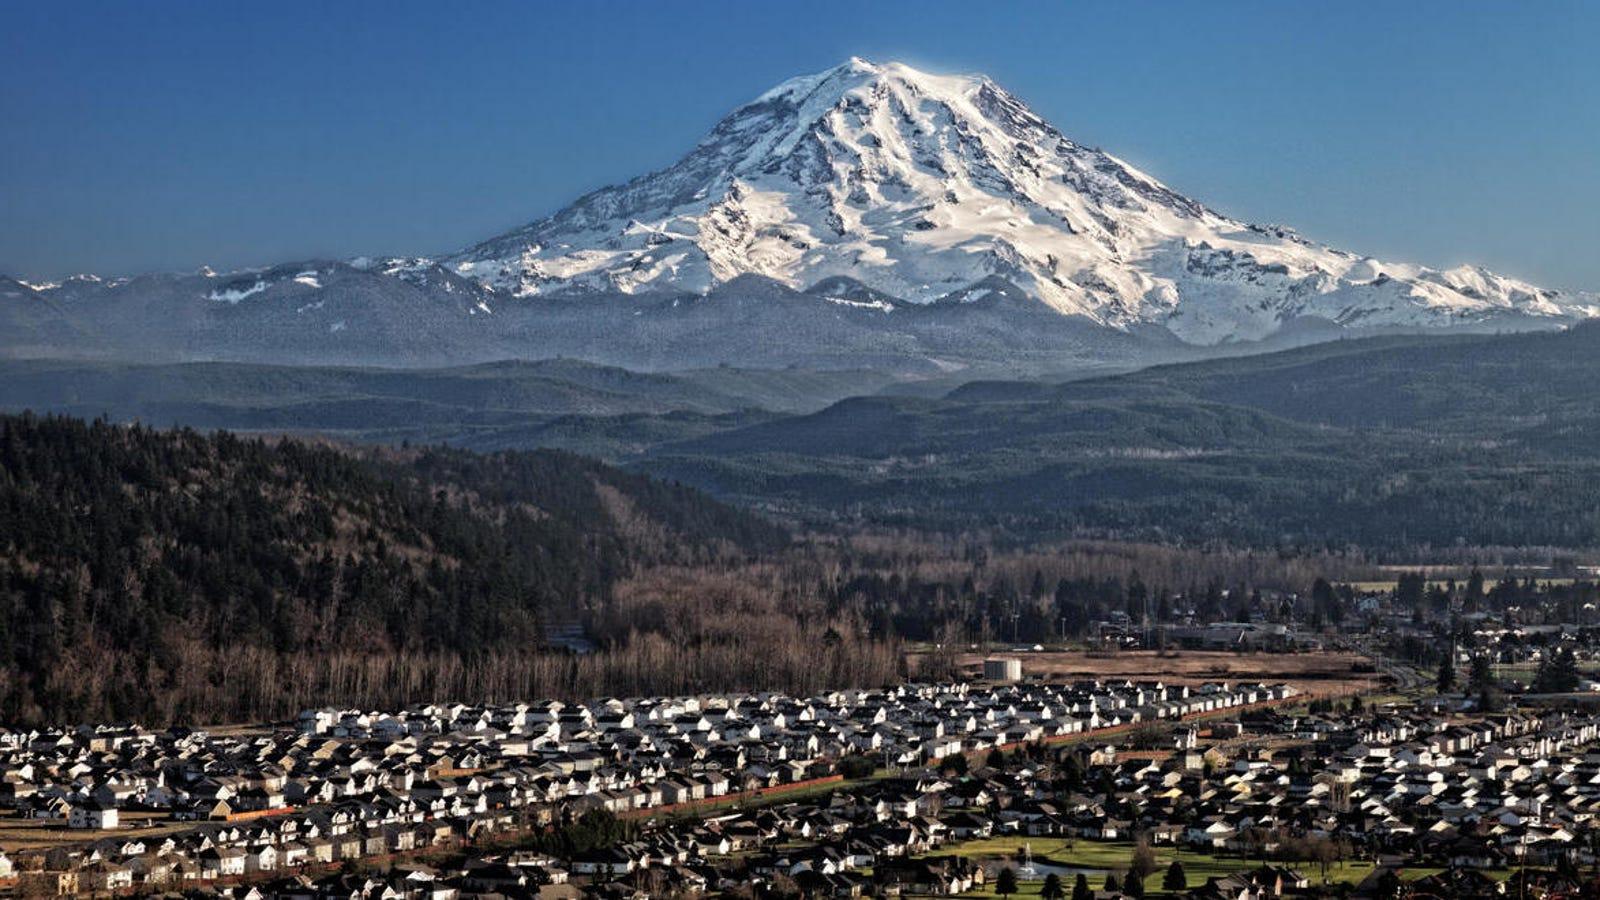 bankruptcy estate Snowshoe Washington United States